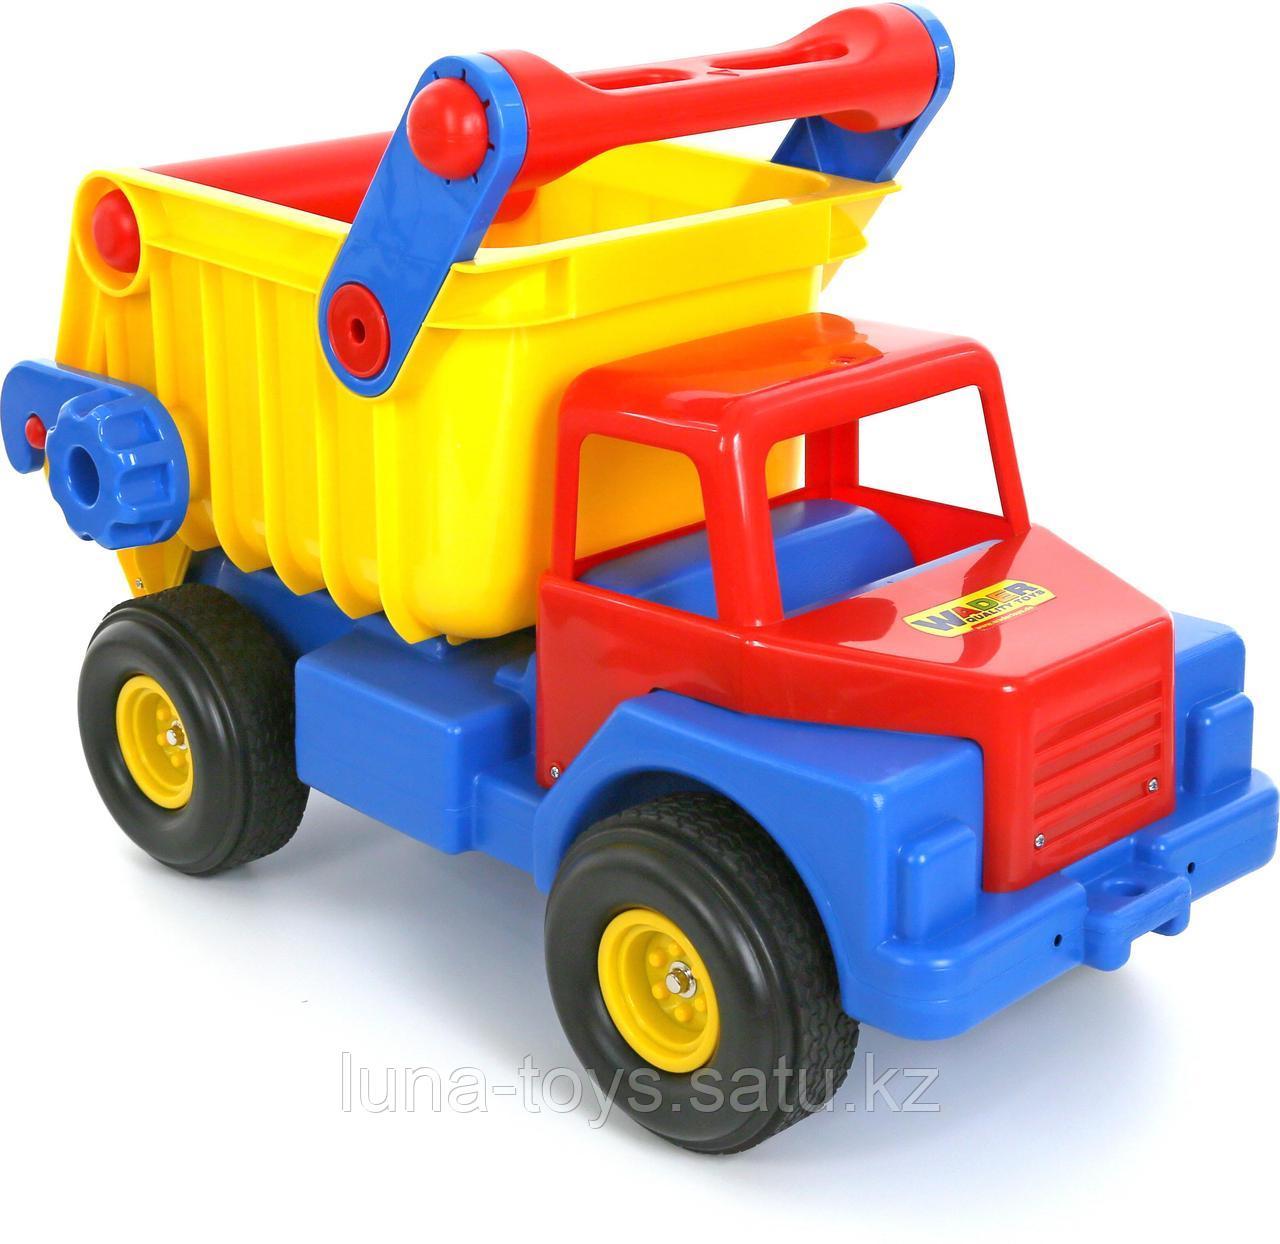 Автомобиль-самосвал №1 с резиновыми колесами